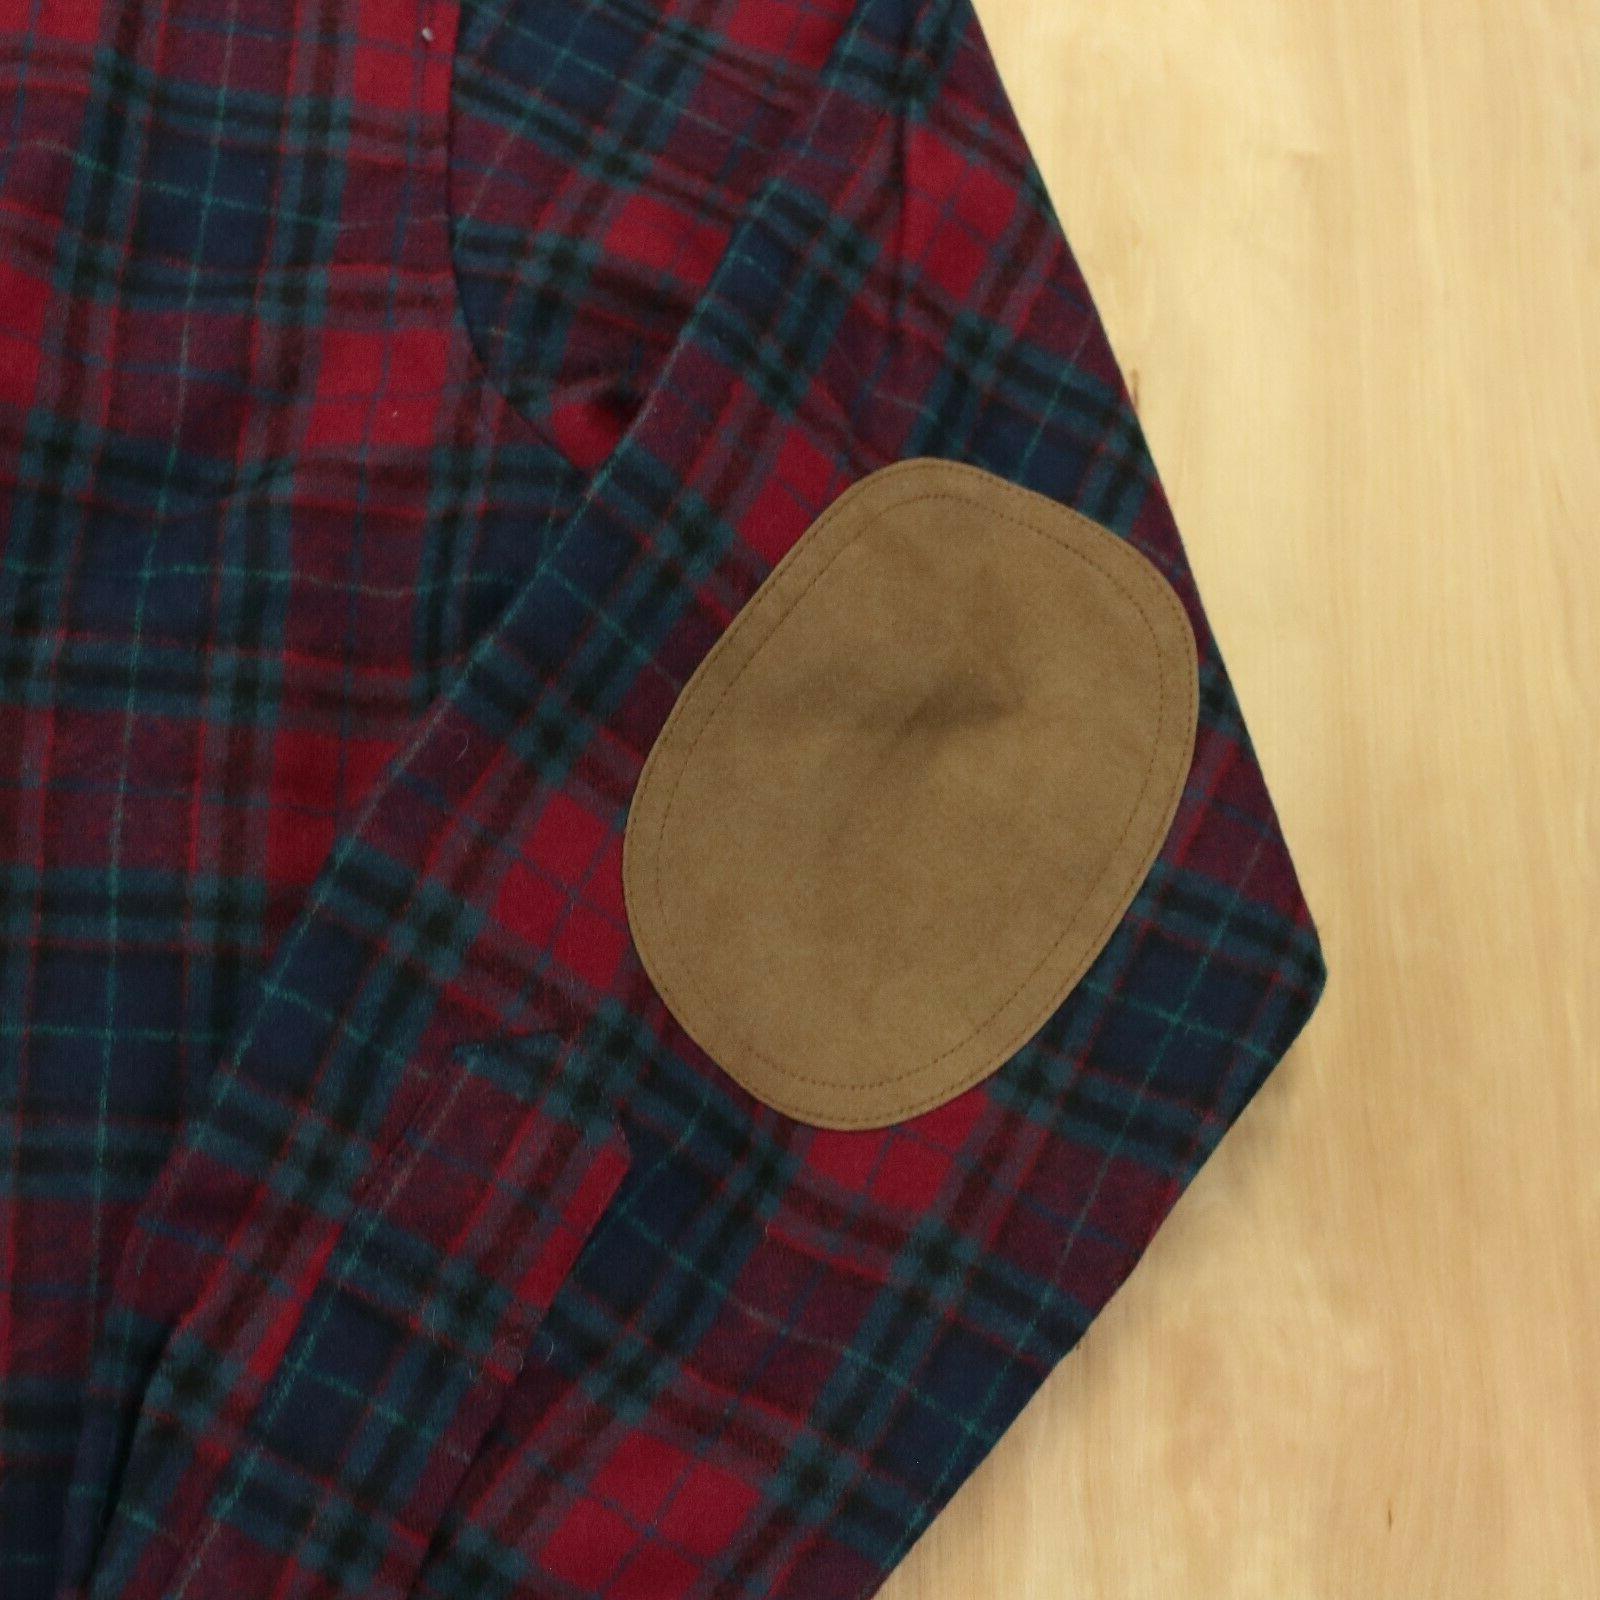 vtg pendleton wool shirt patch plaid